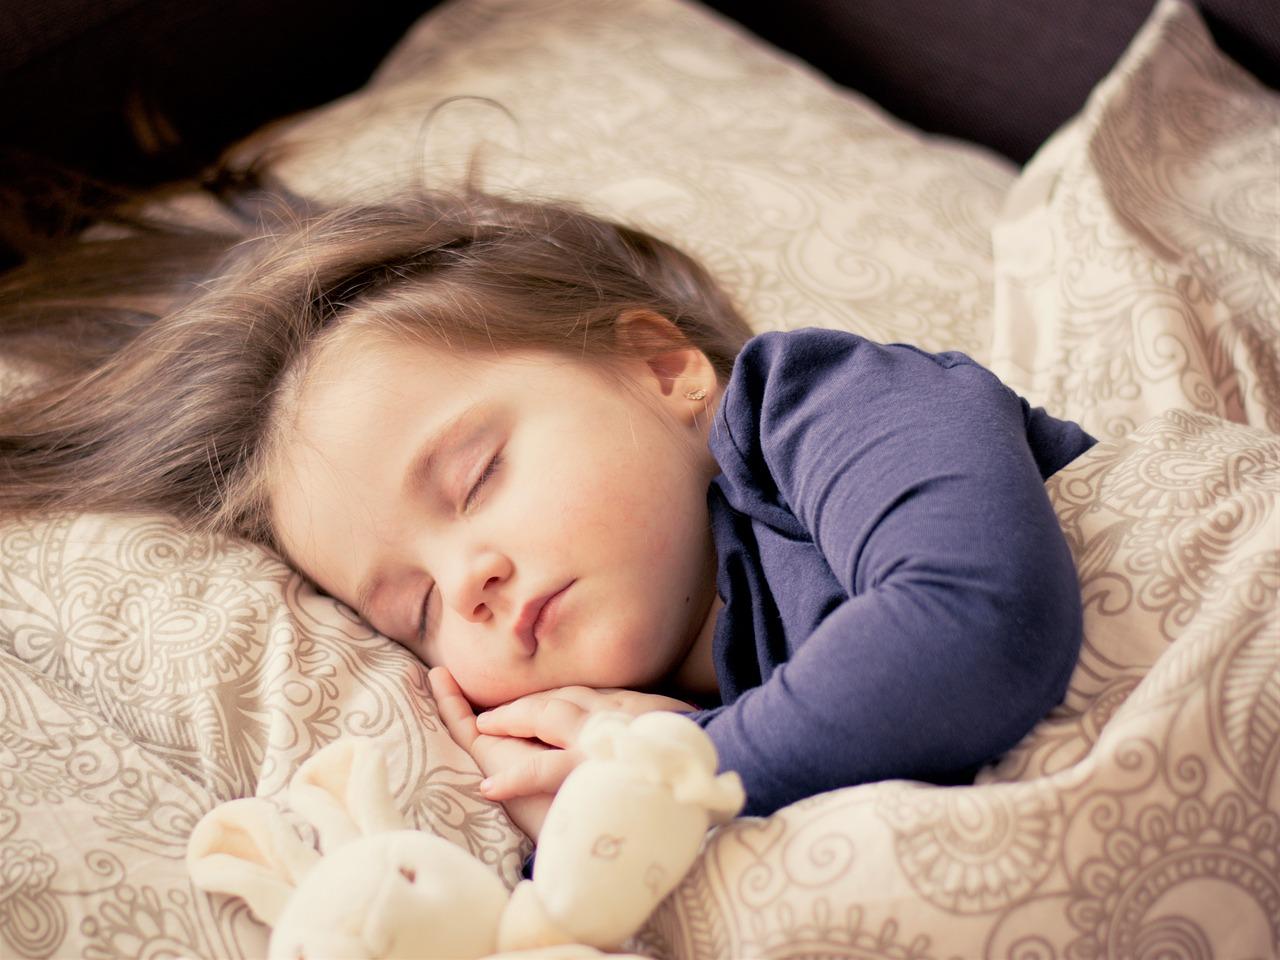 秋の睡眠健康習慣 睡眠は健康の秘訣